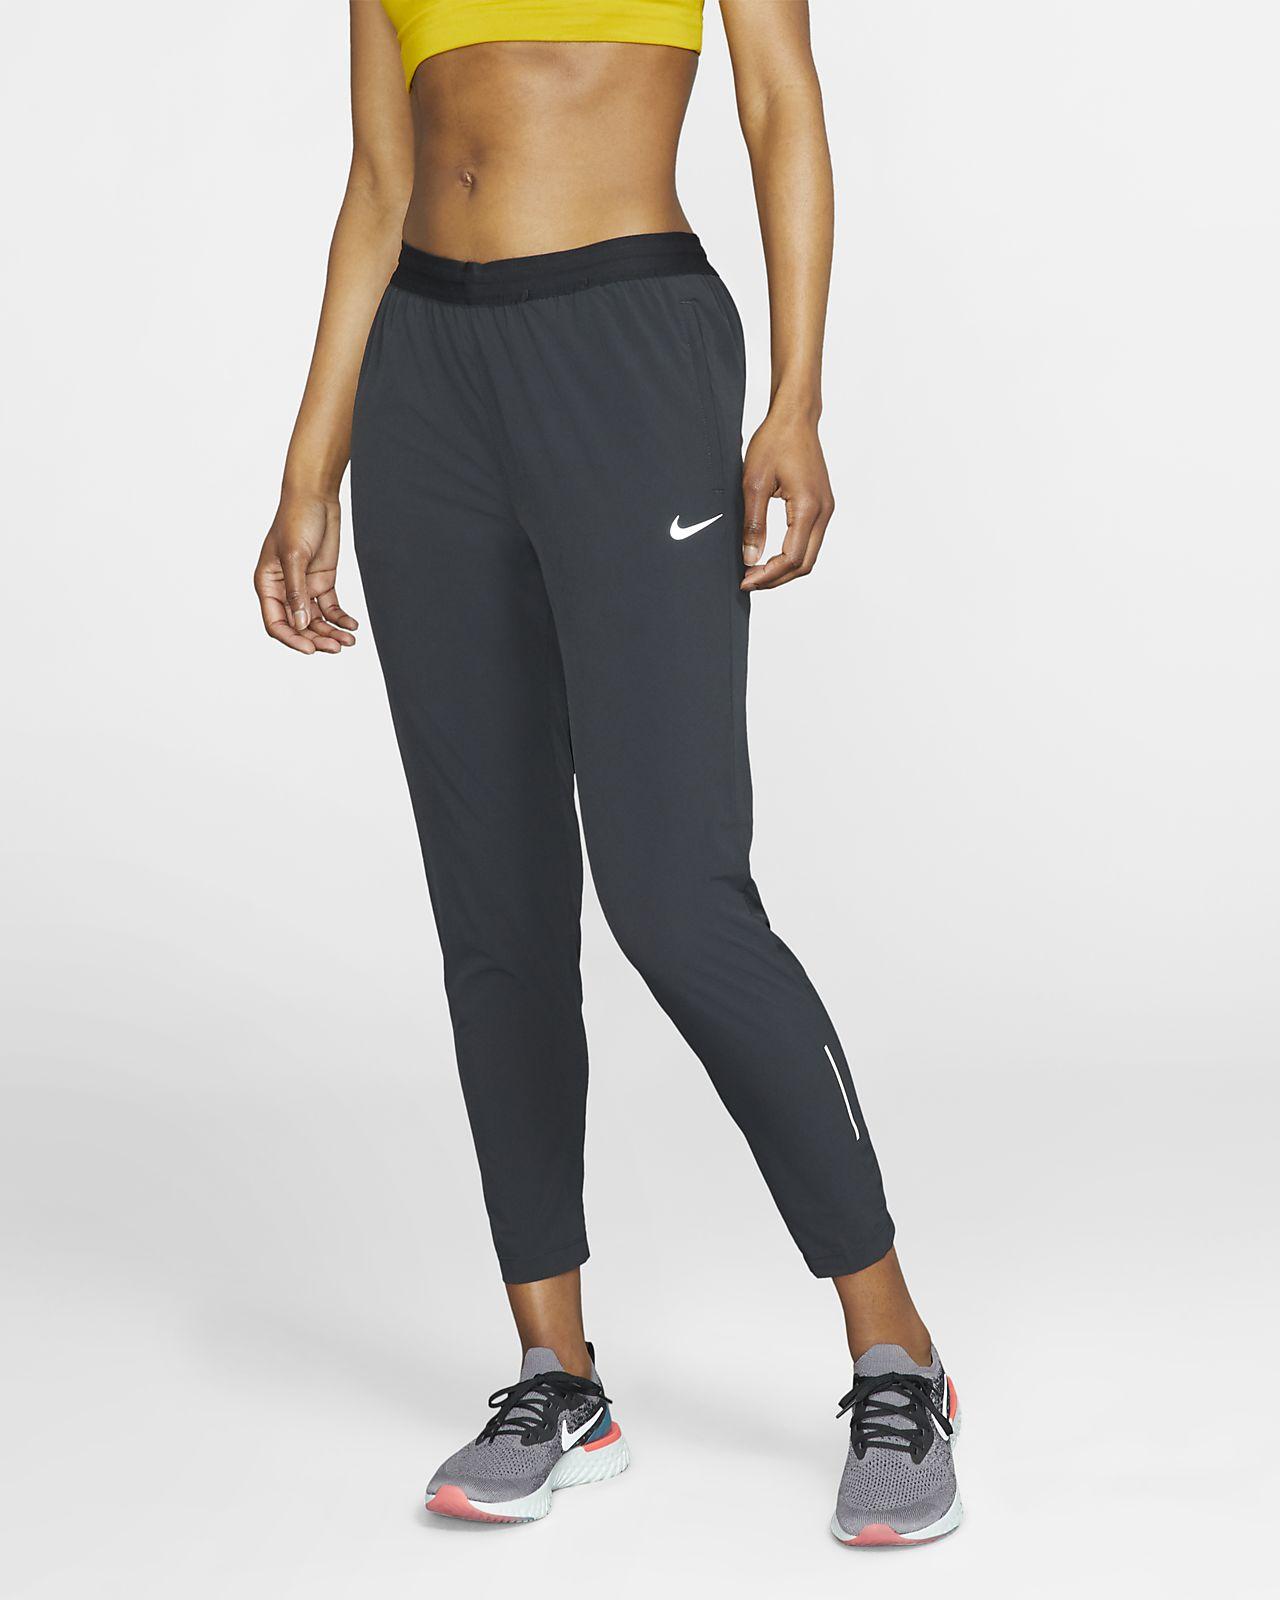 4f7888486ae Nike Essential 7/8-hardloopbroek voor dames. Nike.com BE